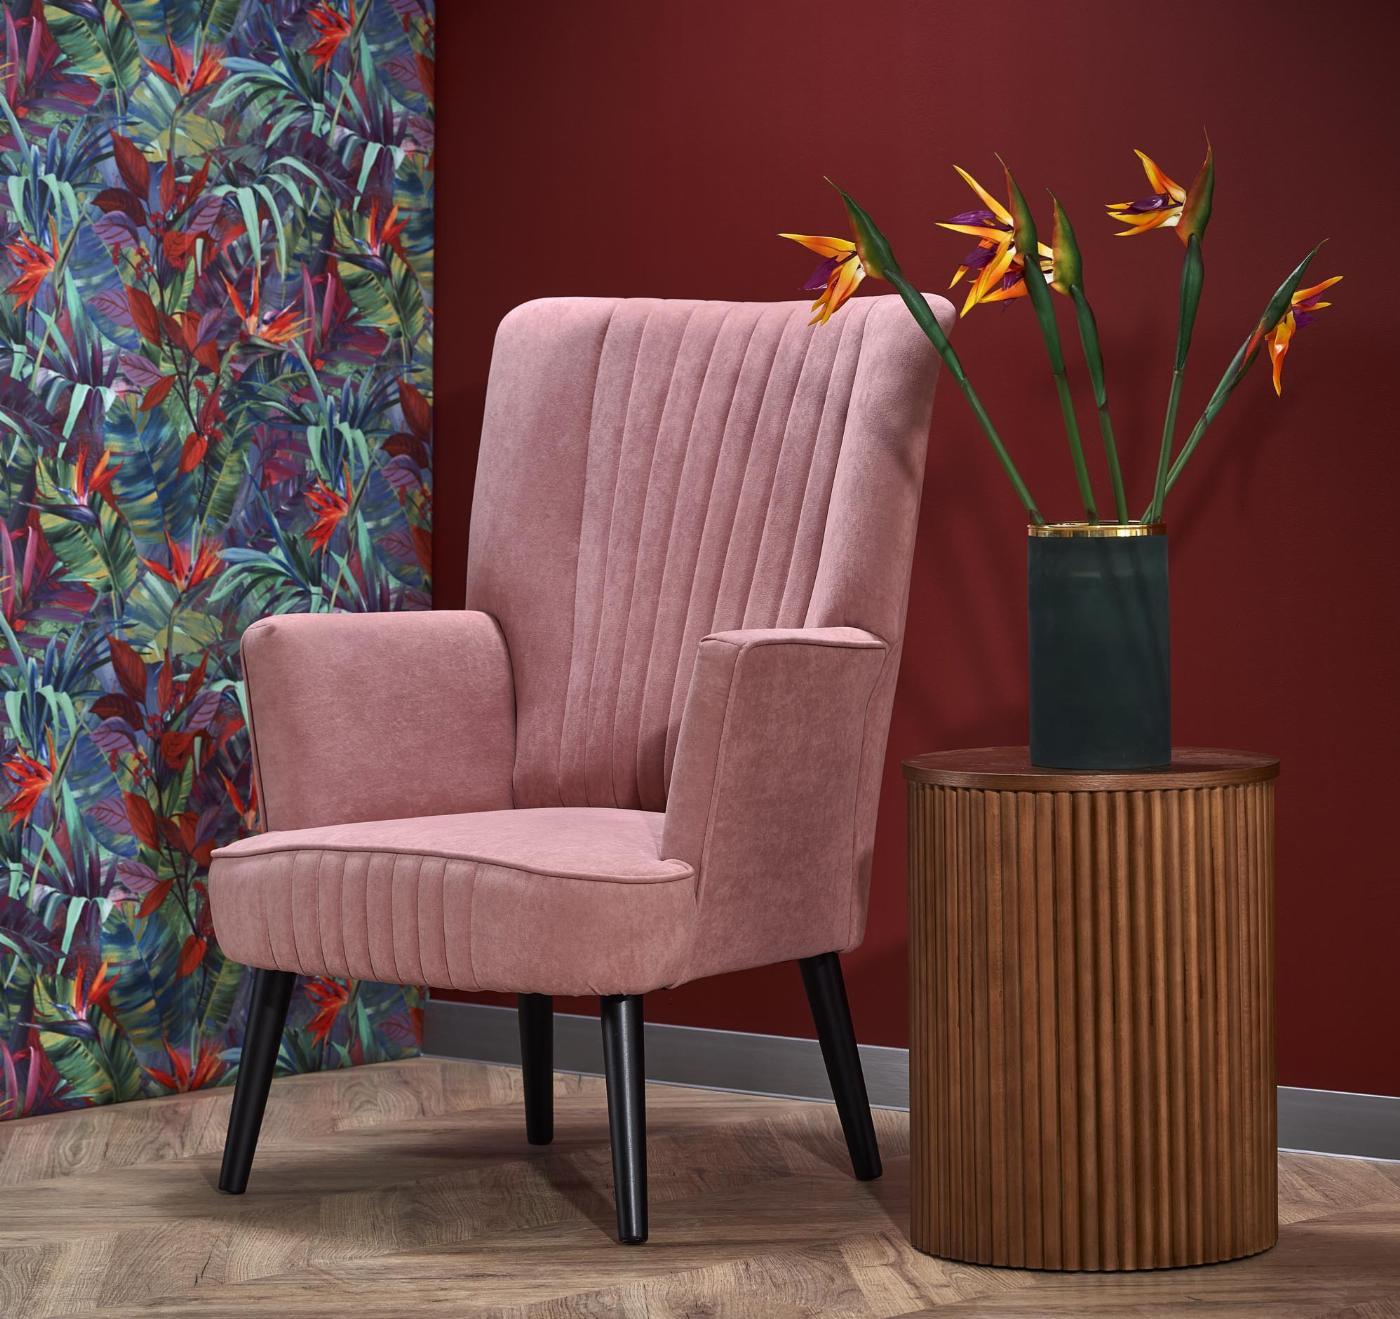 DELGADO fotel wypoczynkowy różowy (BLUEVEL #52)